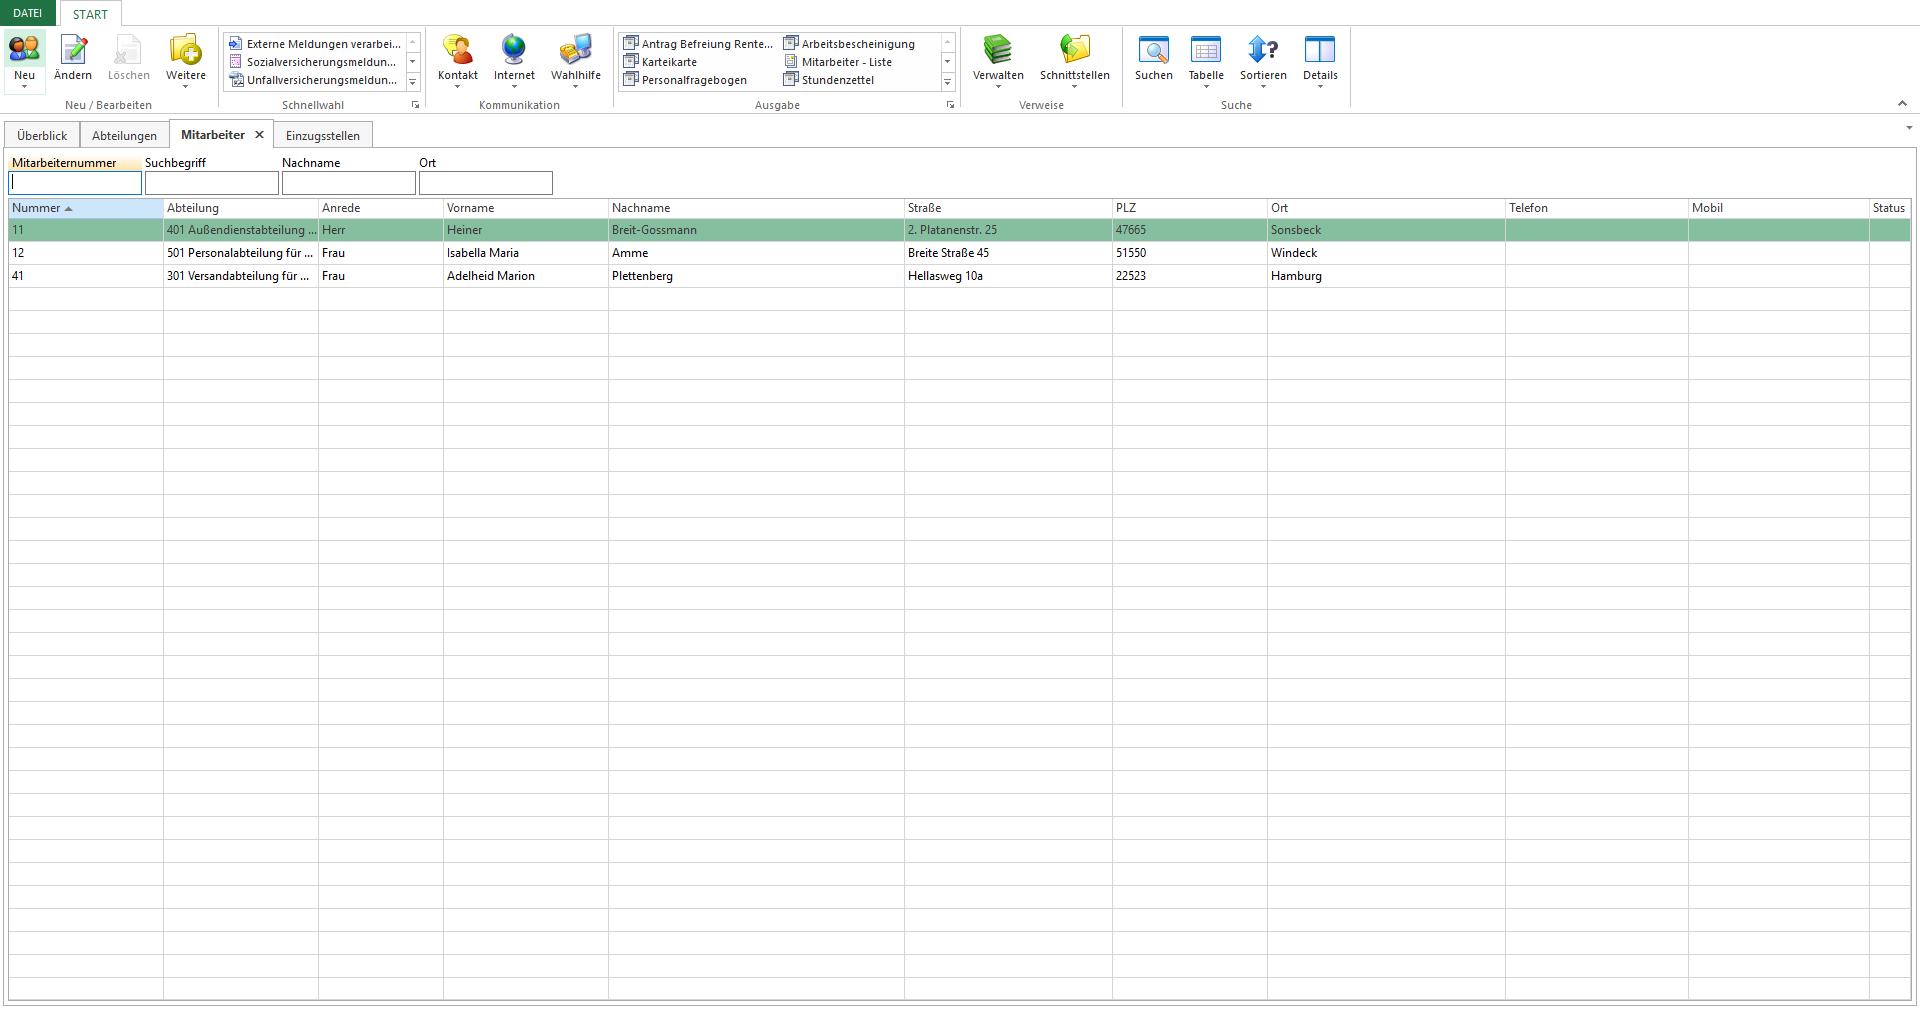 Stammdatenverwaltung: Hier können Sie bis zu 15 Mitarbeiter erfassen und diese den jeweiligen Abteilungen zuordnen.